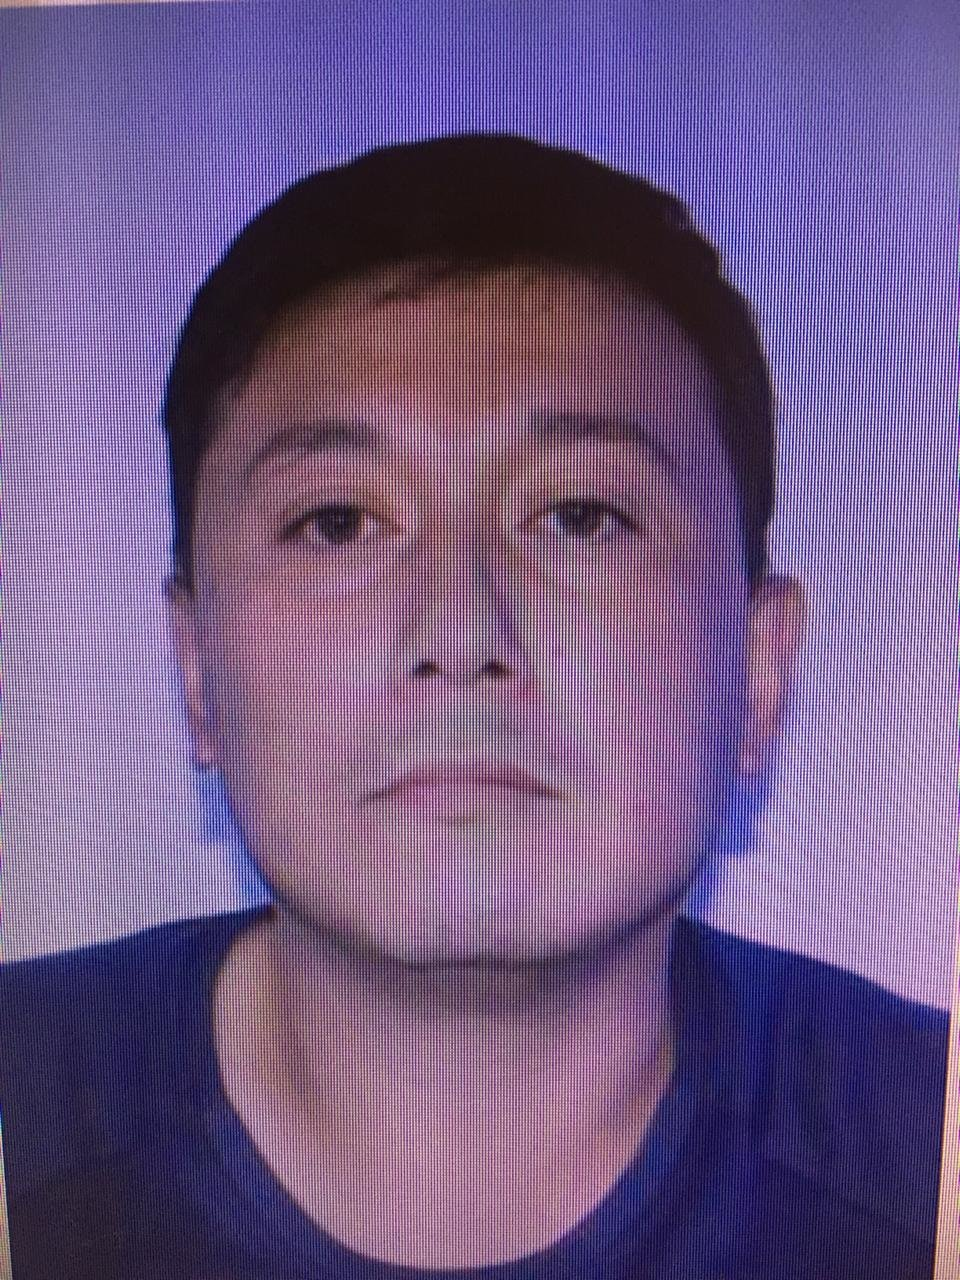 Лжеполицейский в Алматы выискивал наркоманов и требовал у них деньги, фото-1